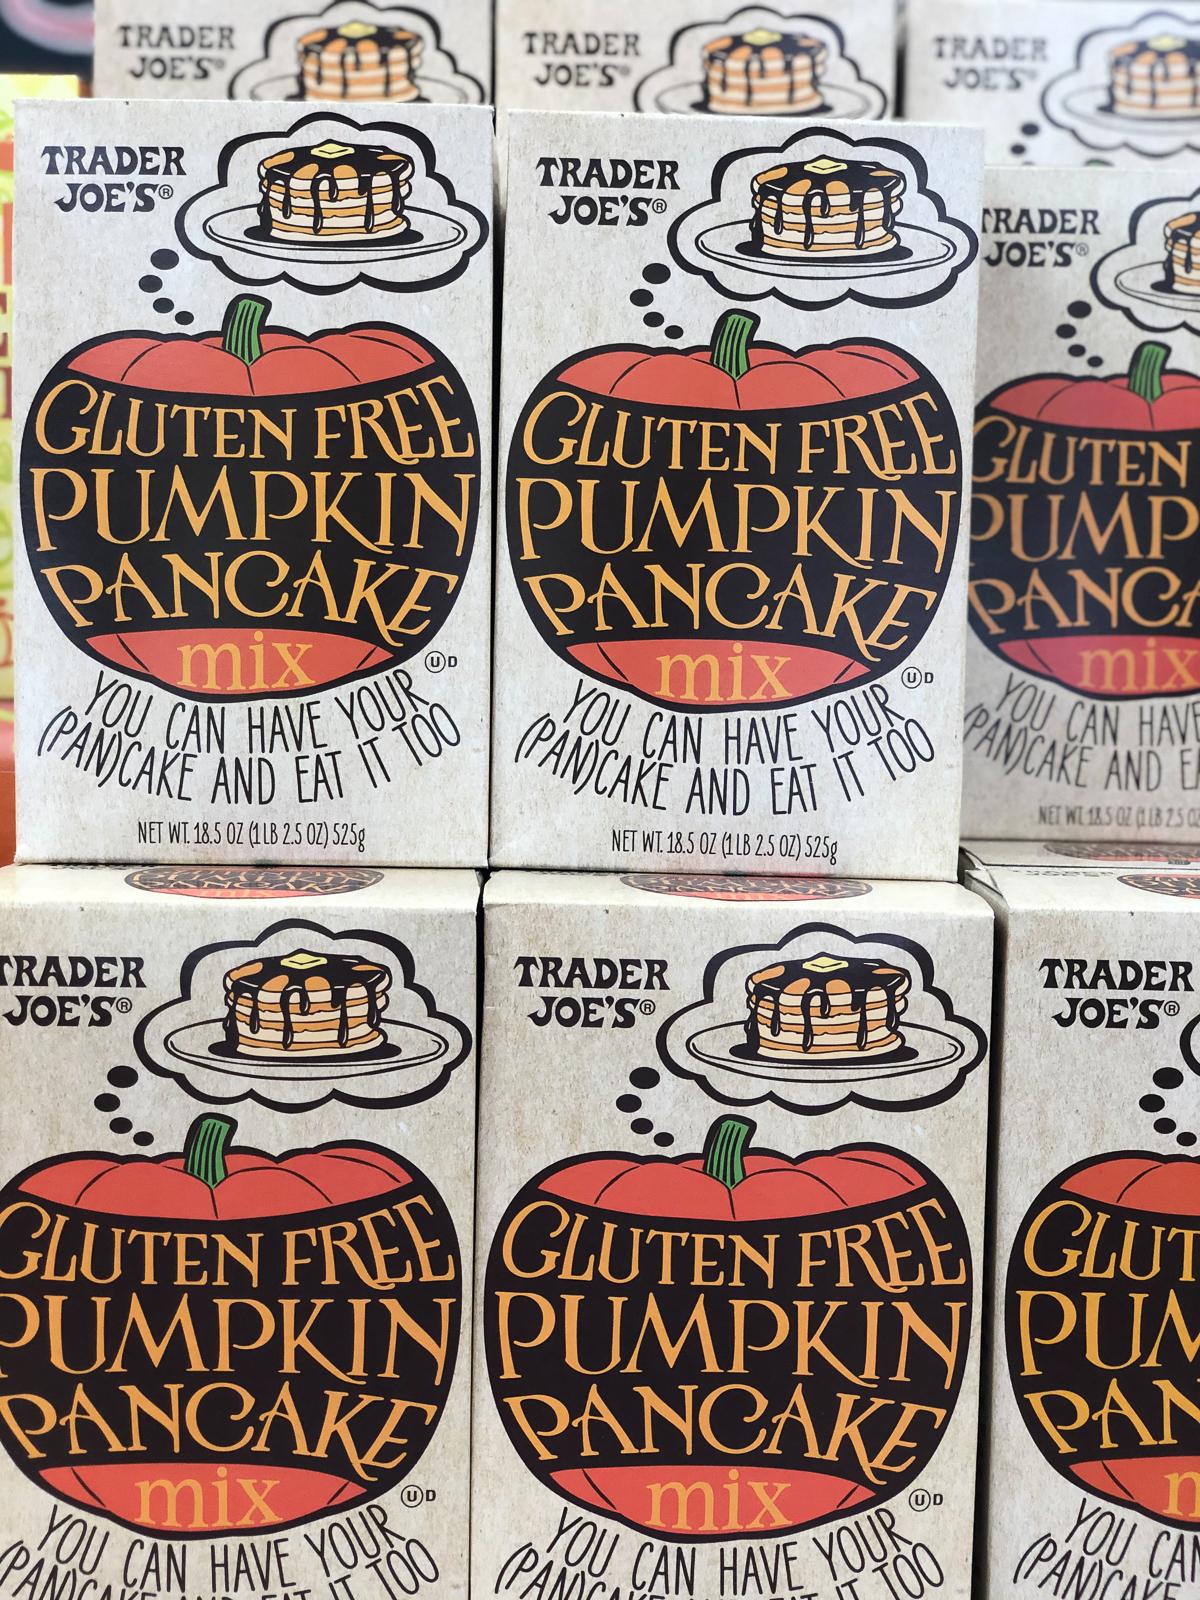 50+ Trader Joe's Pumpkin Favorites and Fall Eats - Gluten Free Pumpkin Pancake Mix